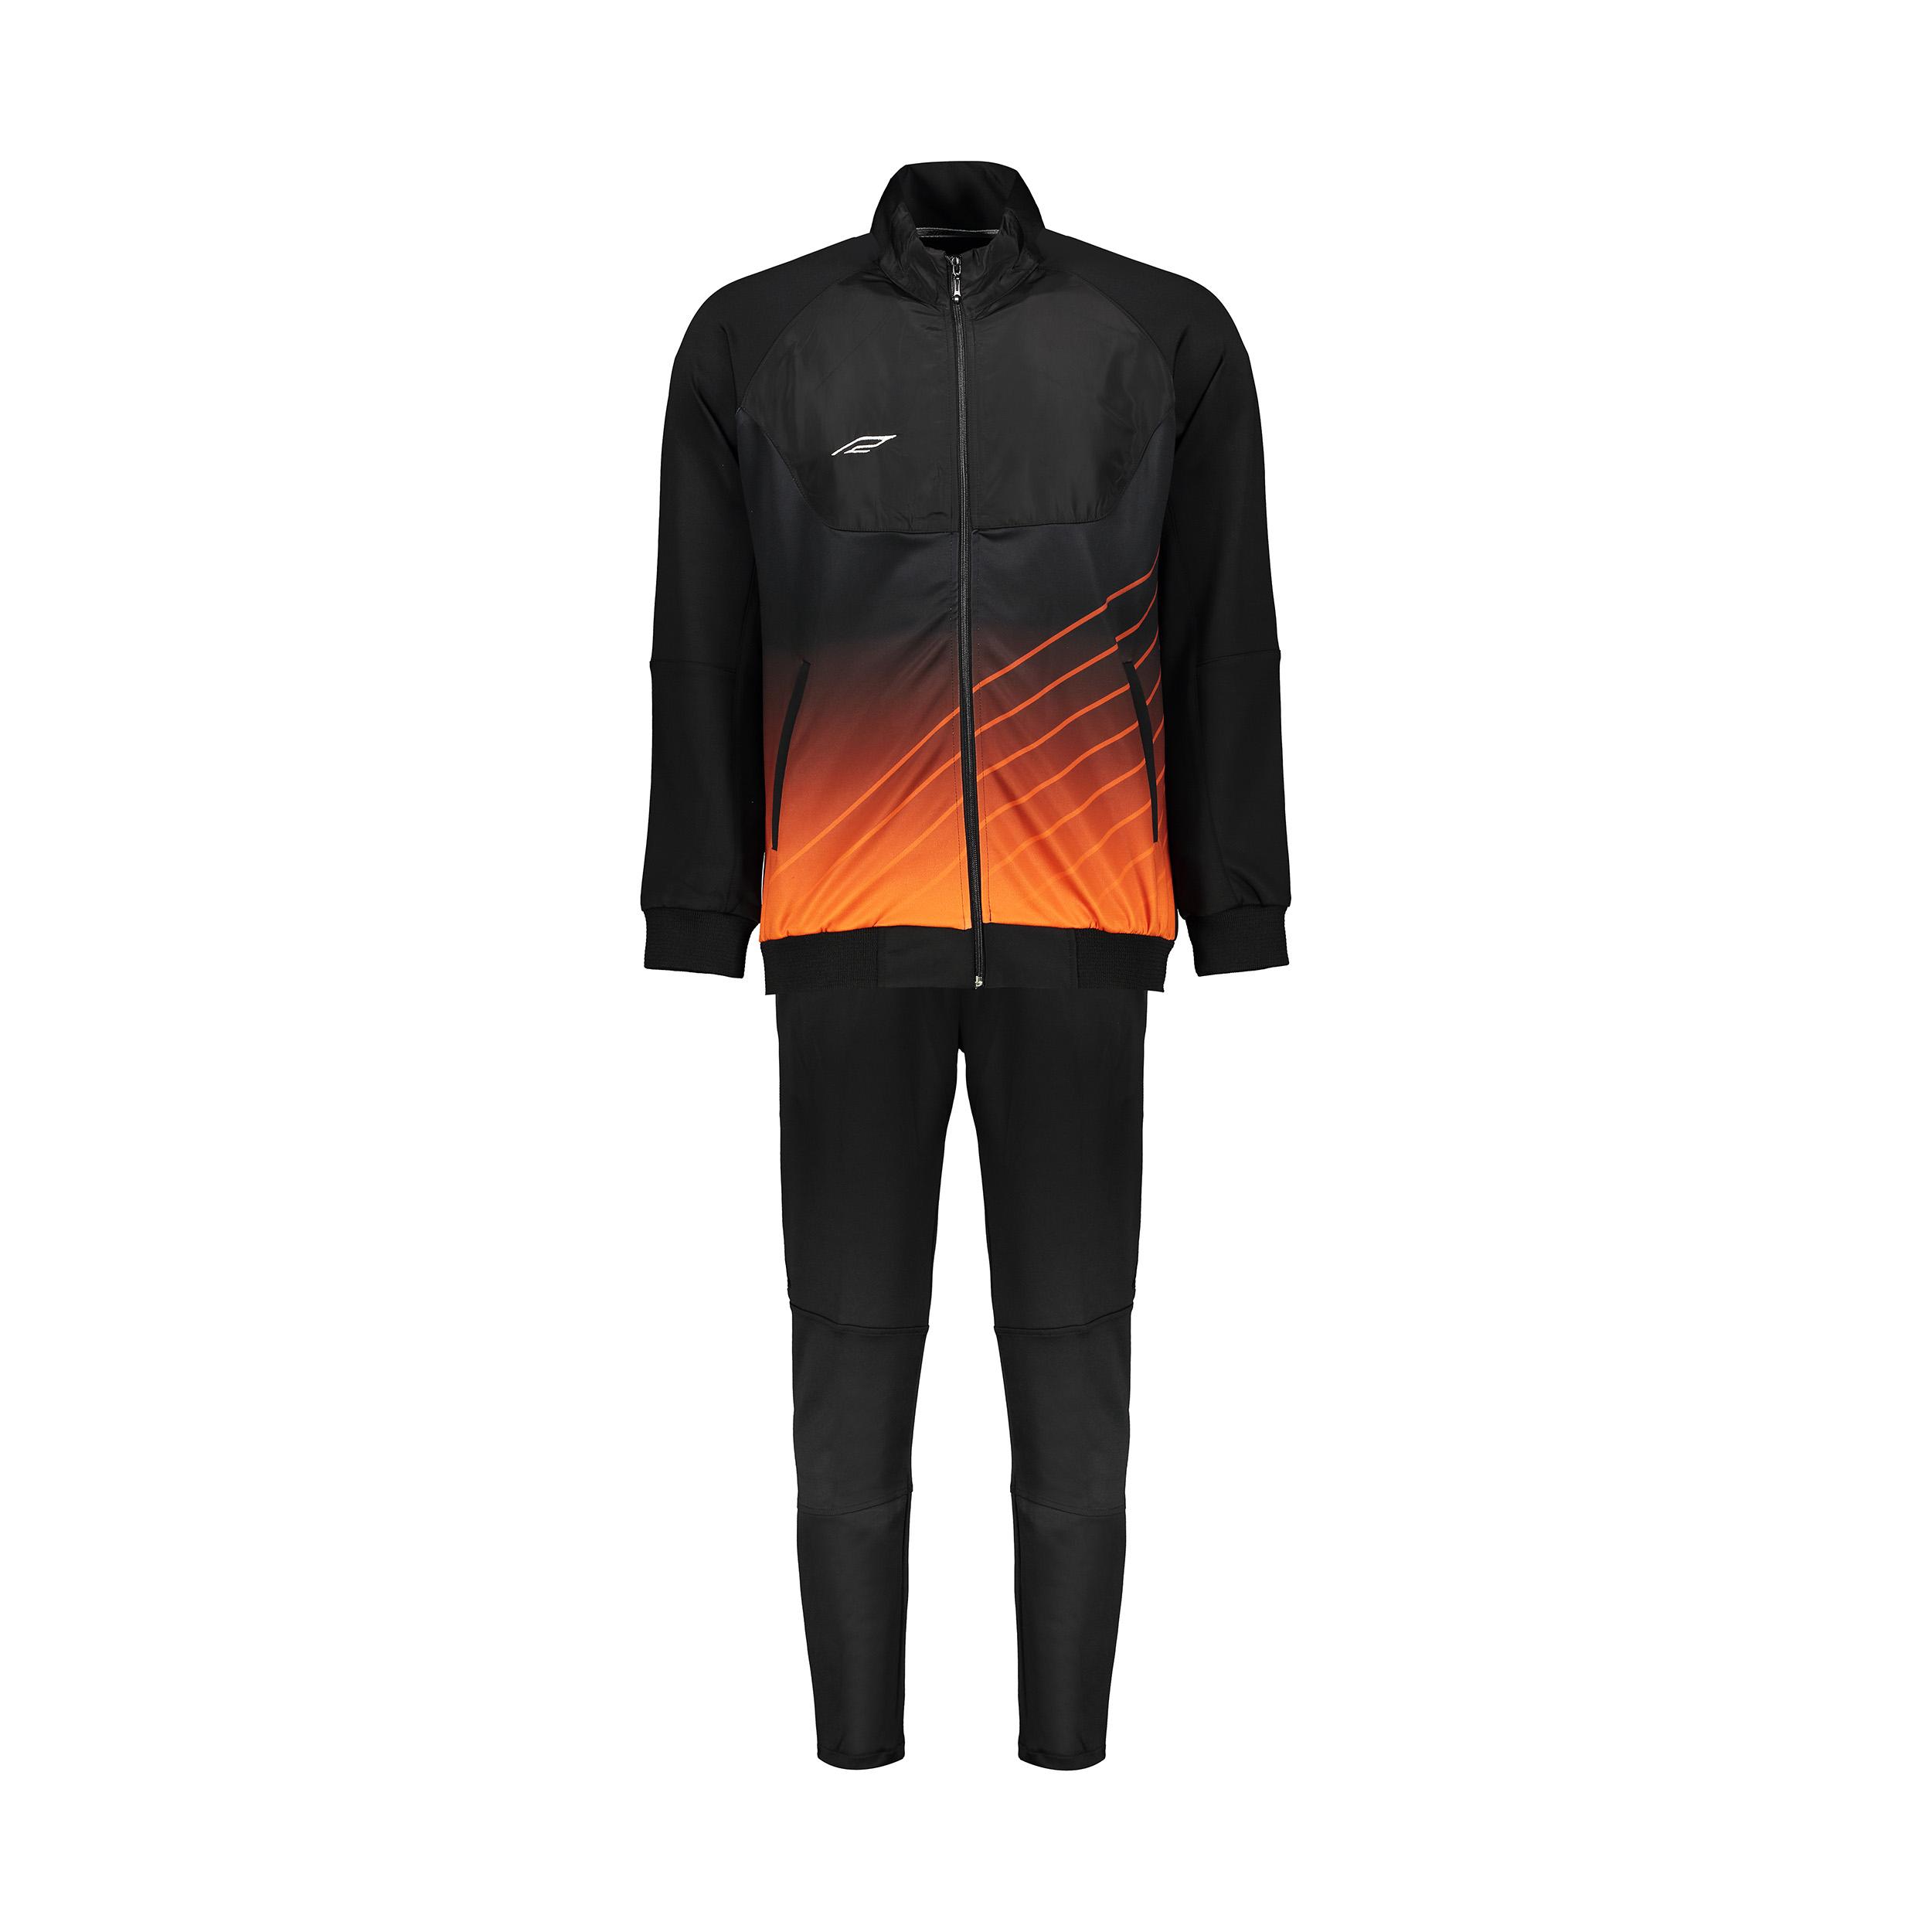 ست گرمکن و شلوار  ورزشی مردانه مدل LO-23